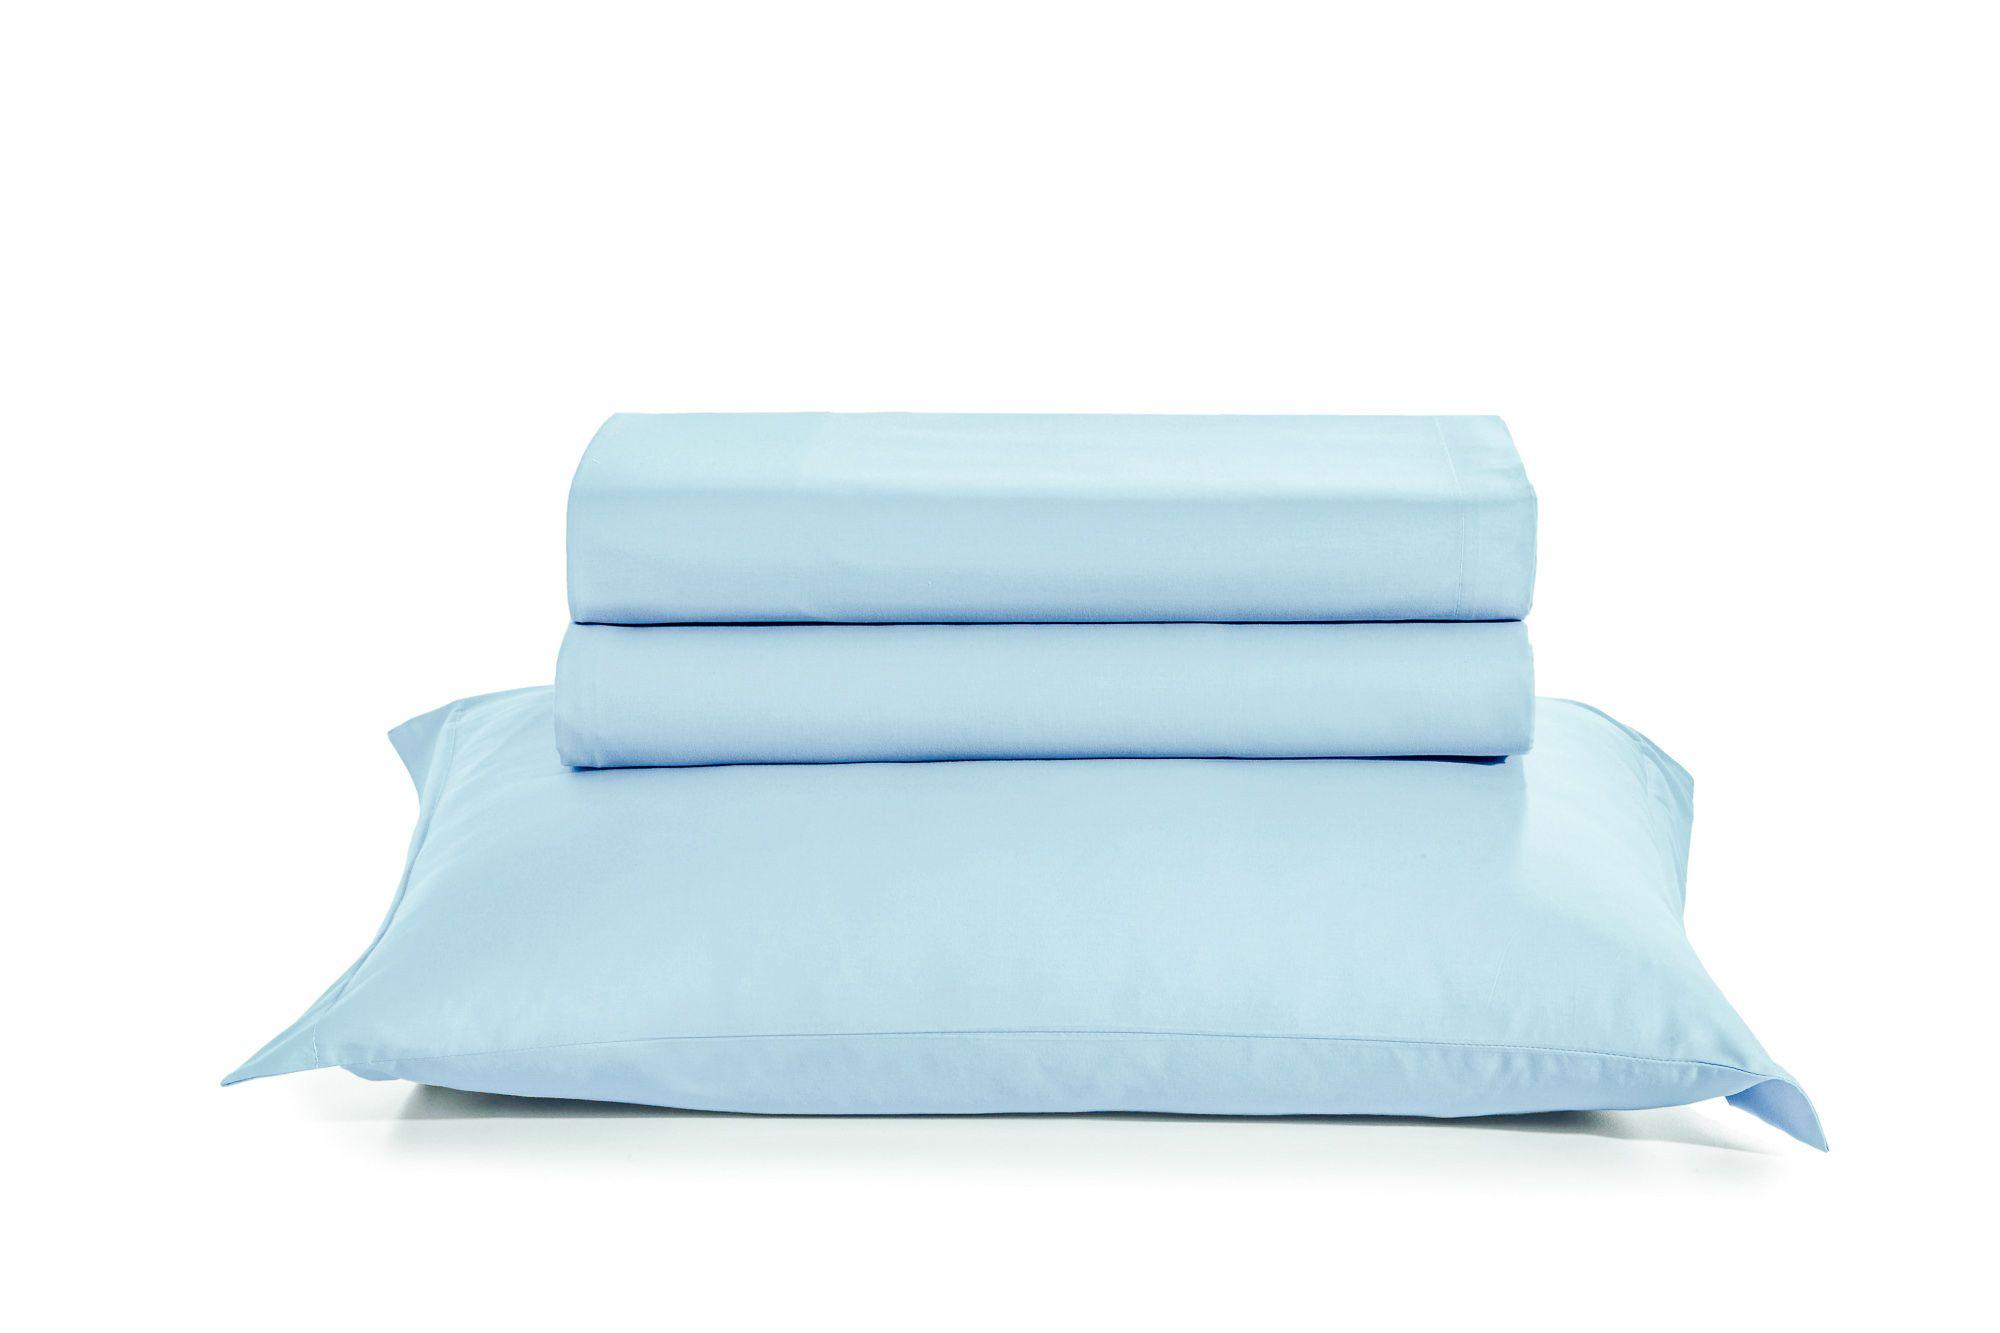 Fronha percal 180 fios artex total mix 50 cm x 70 cm 100% algodao azul claro